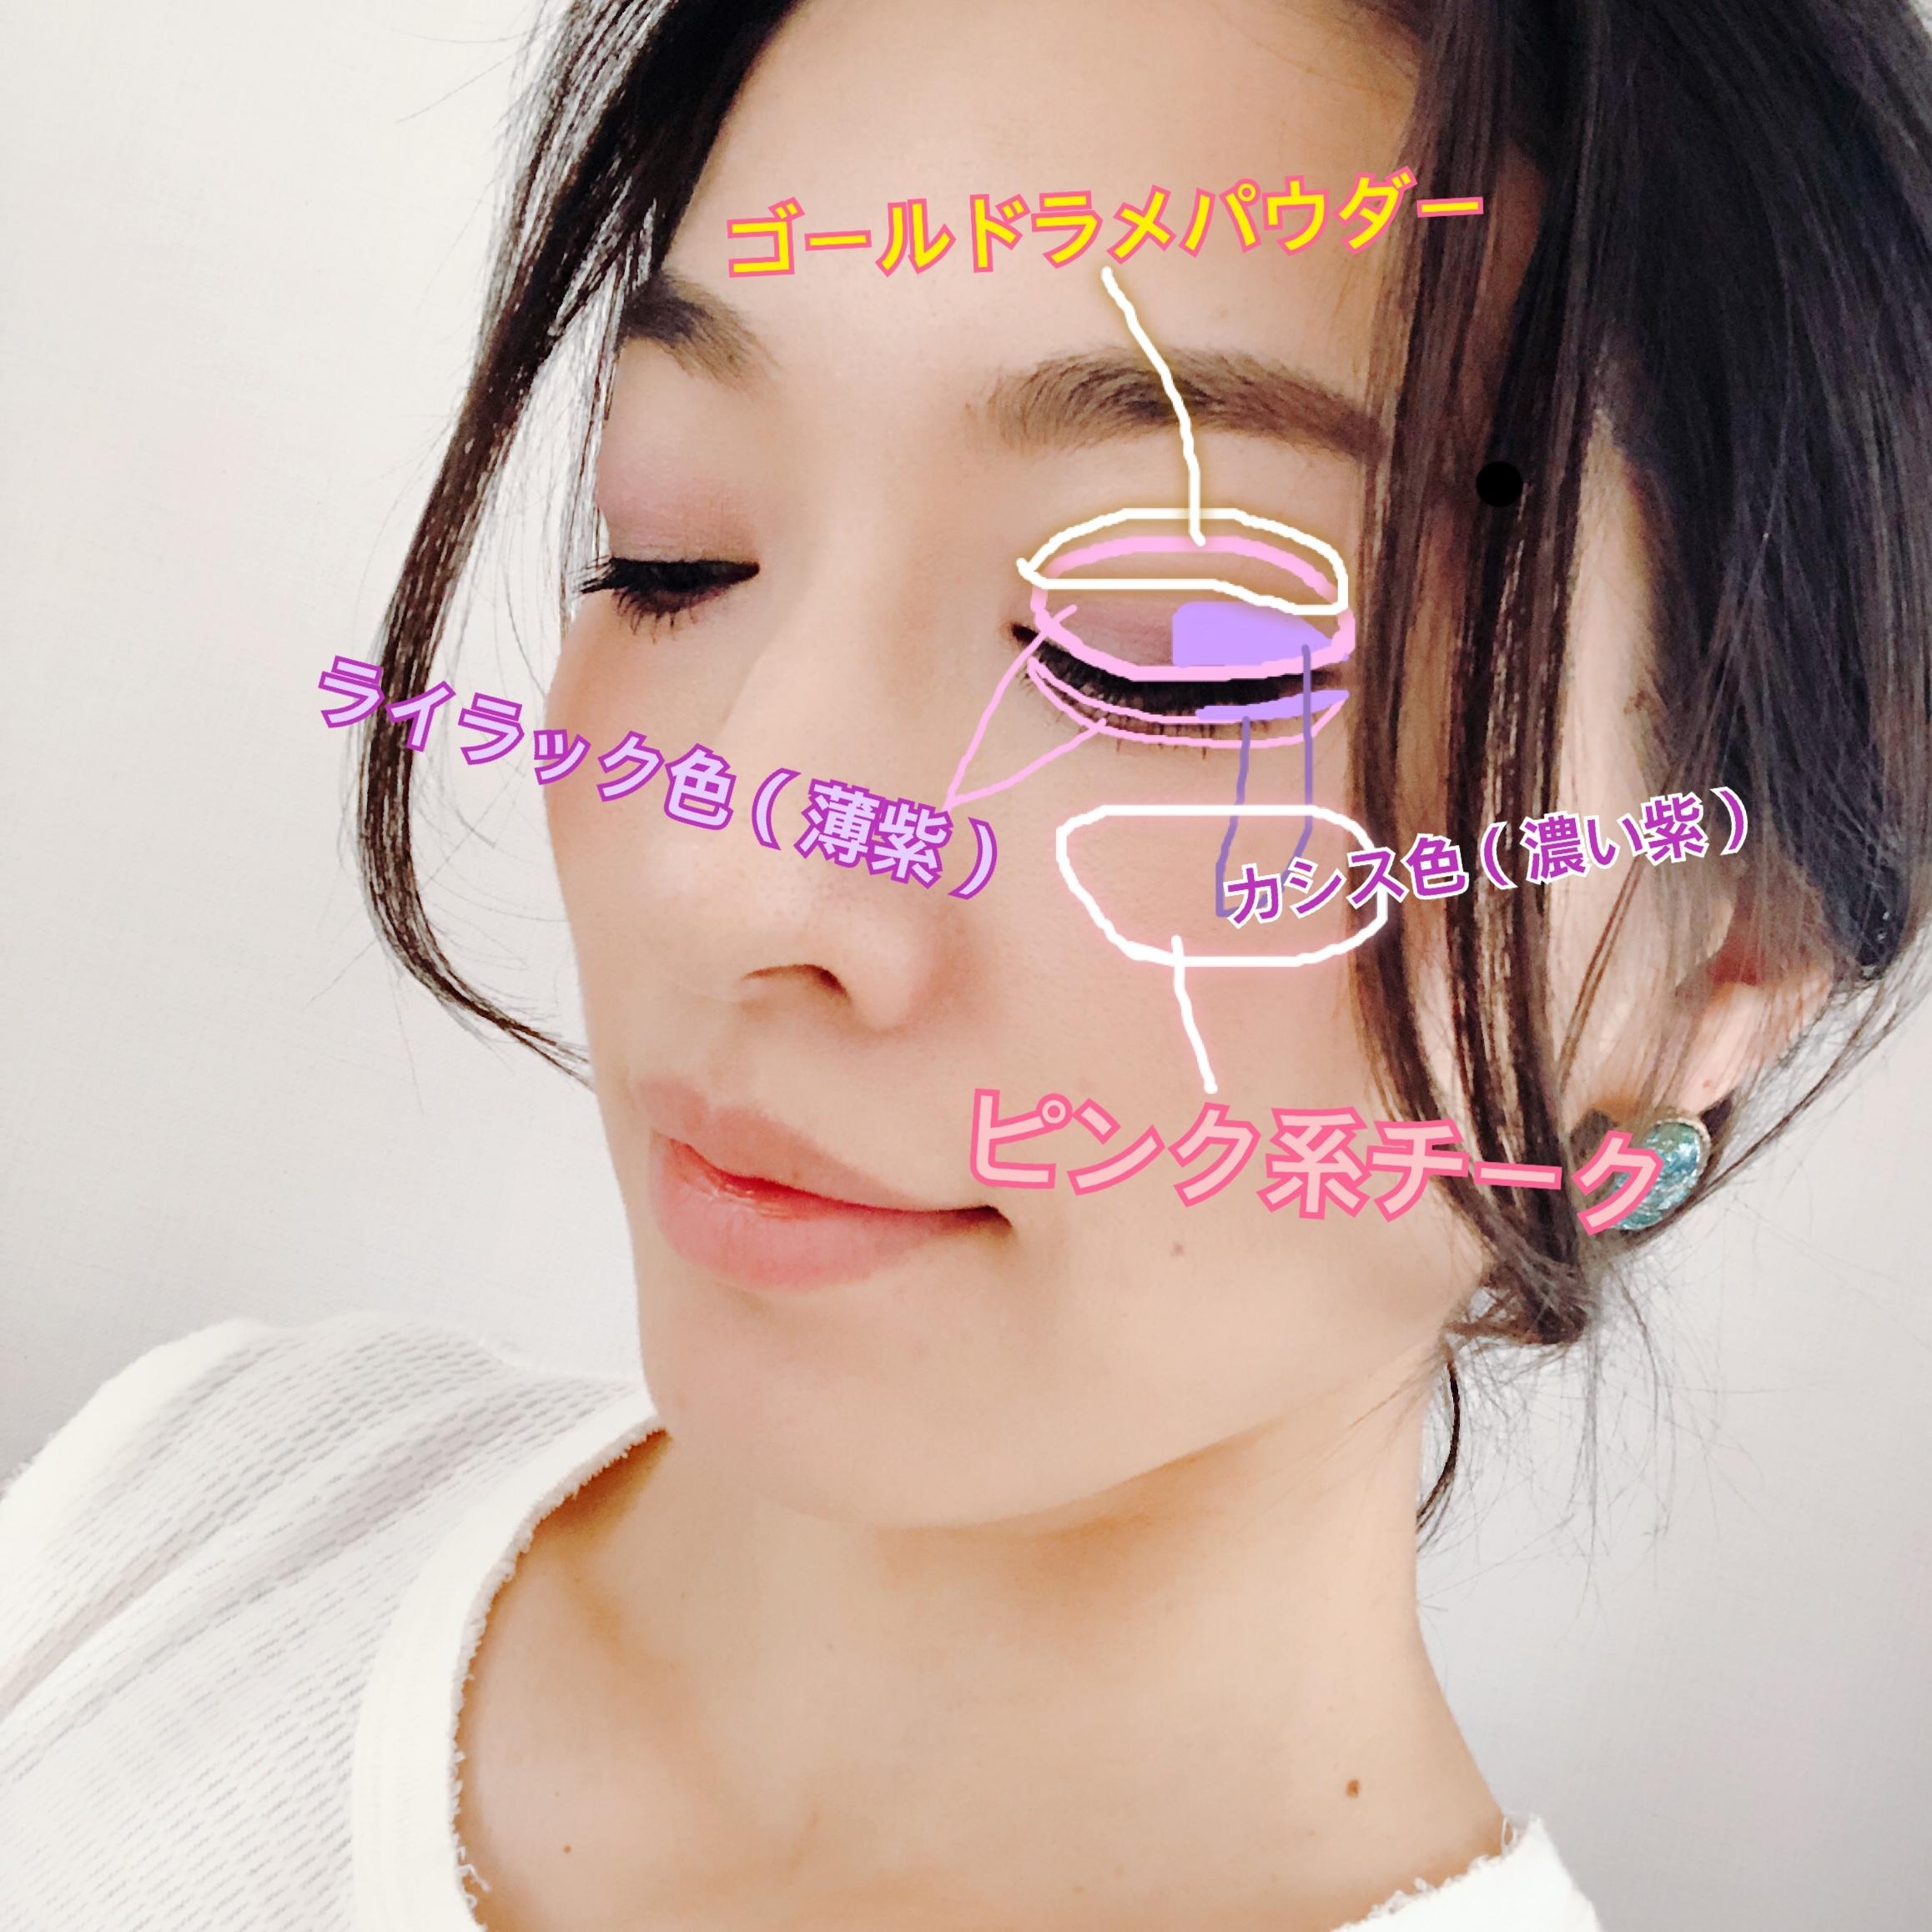 昭和メイクにならない、カラー系アイメイクのポイントは?_1_2